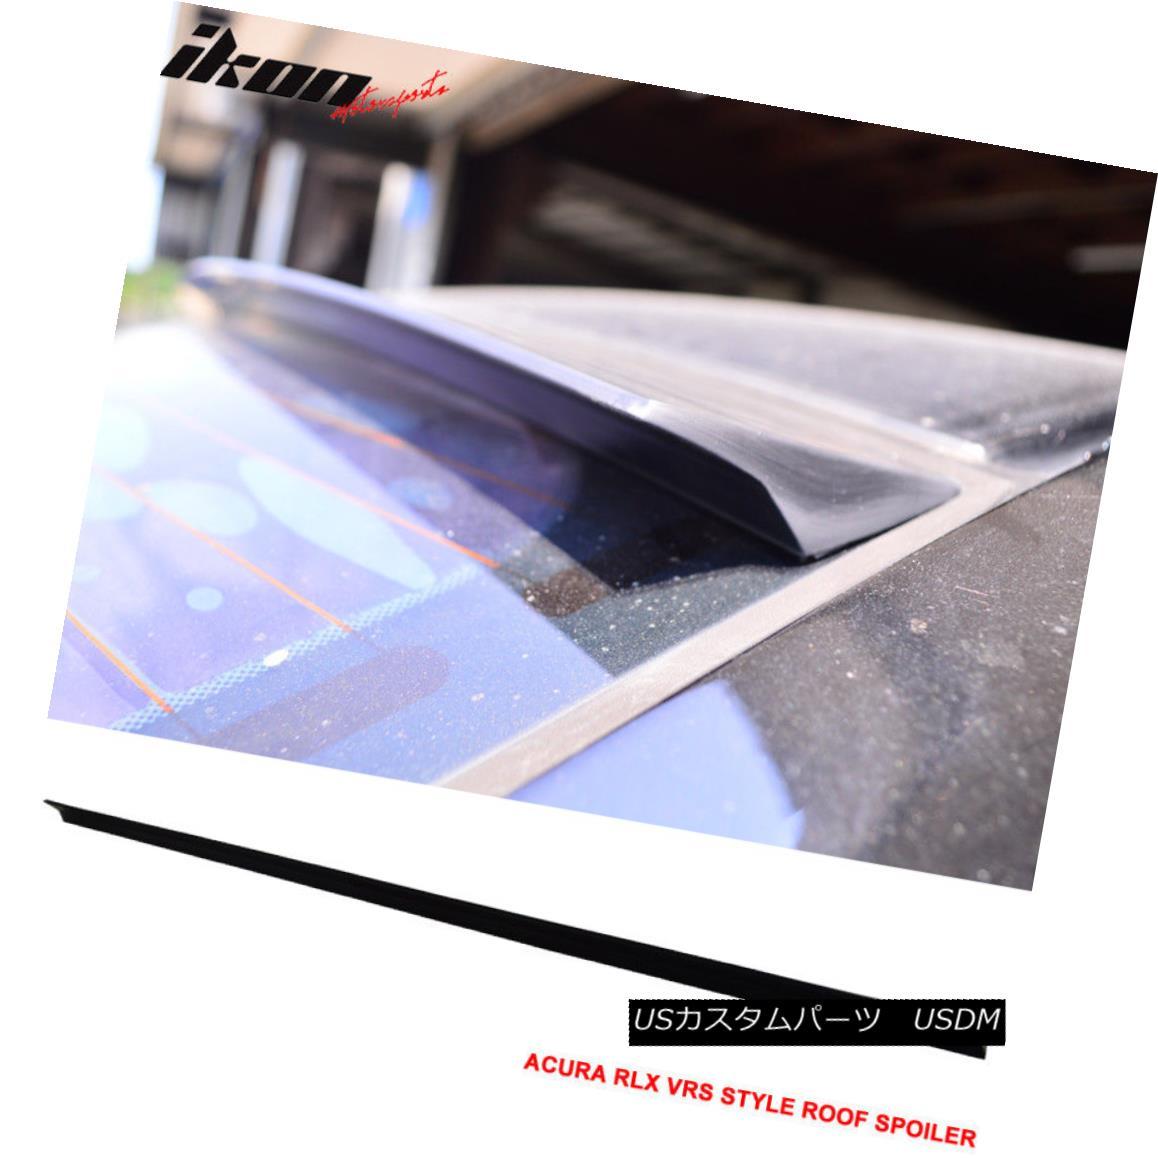 エアロパーツ 14-16 Acura RLX 4Dr VRS Style Roof Spoiler Unpainted Black - PUF 14-16 Acura RLX 4Dr VRSスタイルルーフスポイラー無塗装黒 - PUF